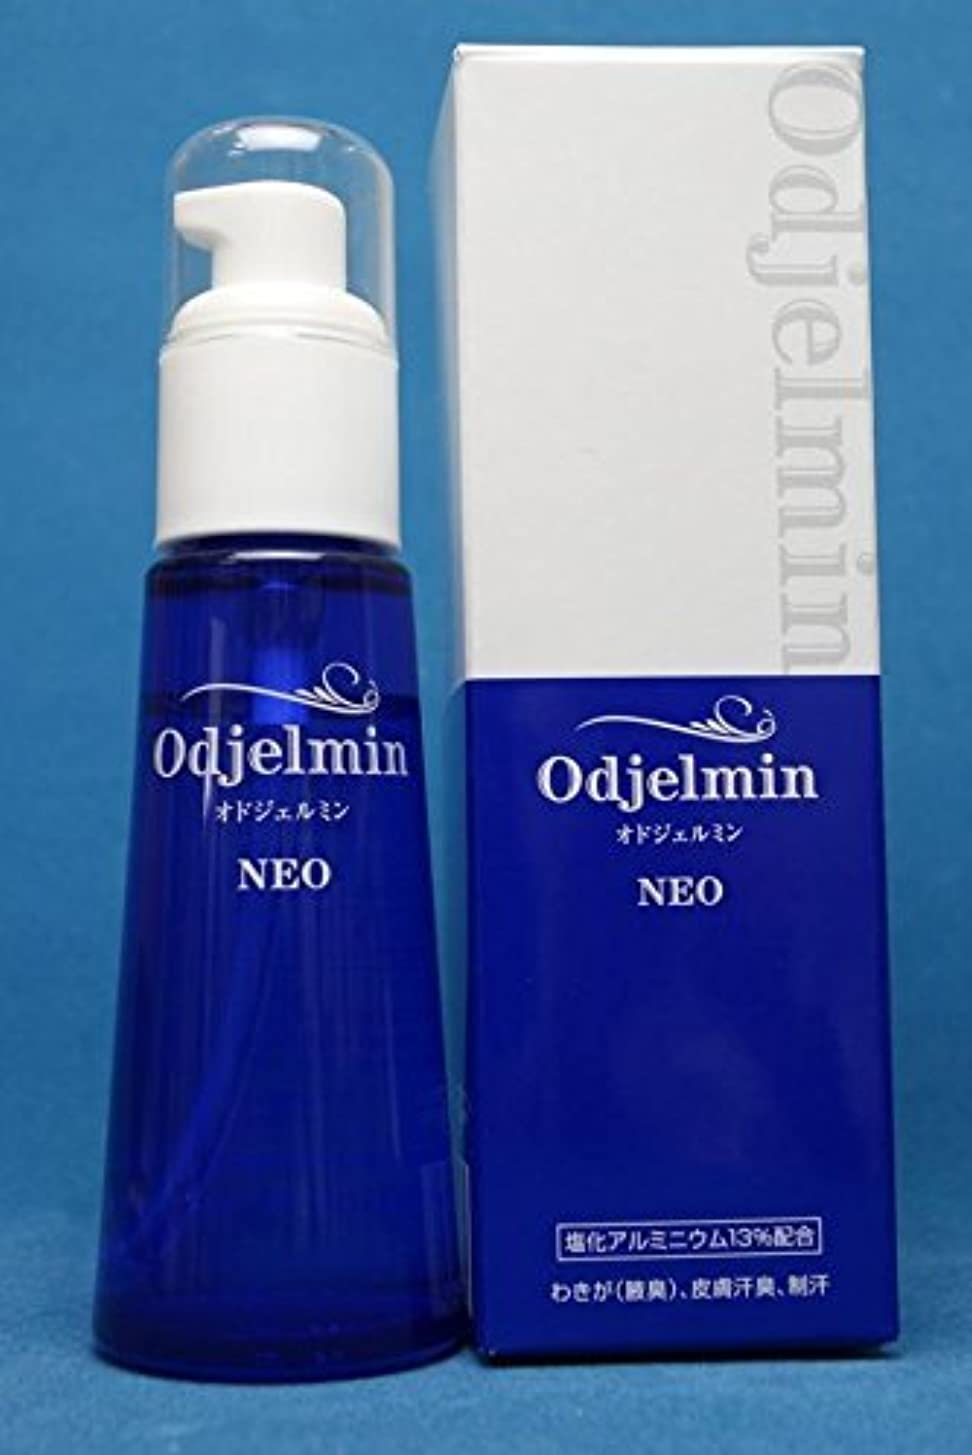 シェトランド諸島交流する乳白色オドジェルミン オドジェルミンNEO 60mL